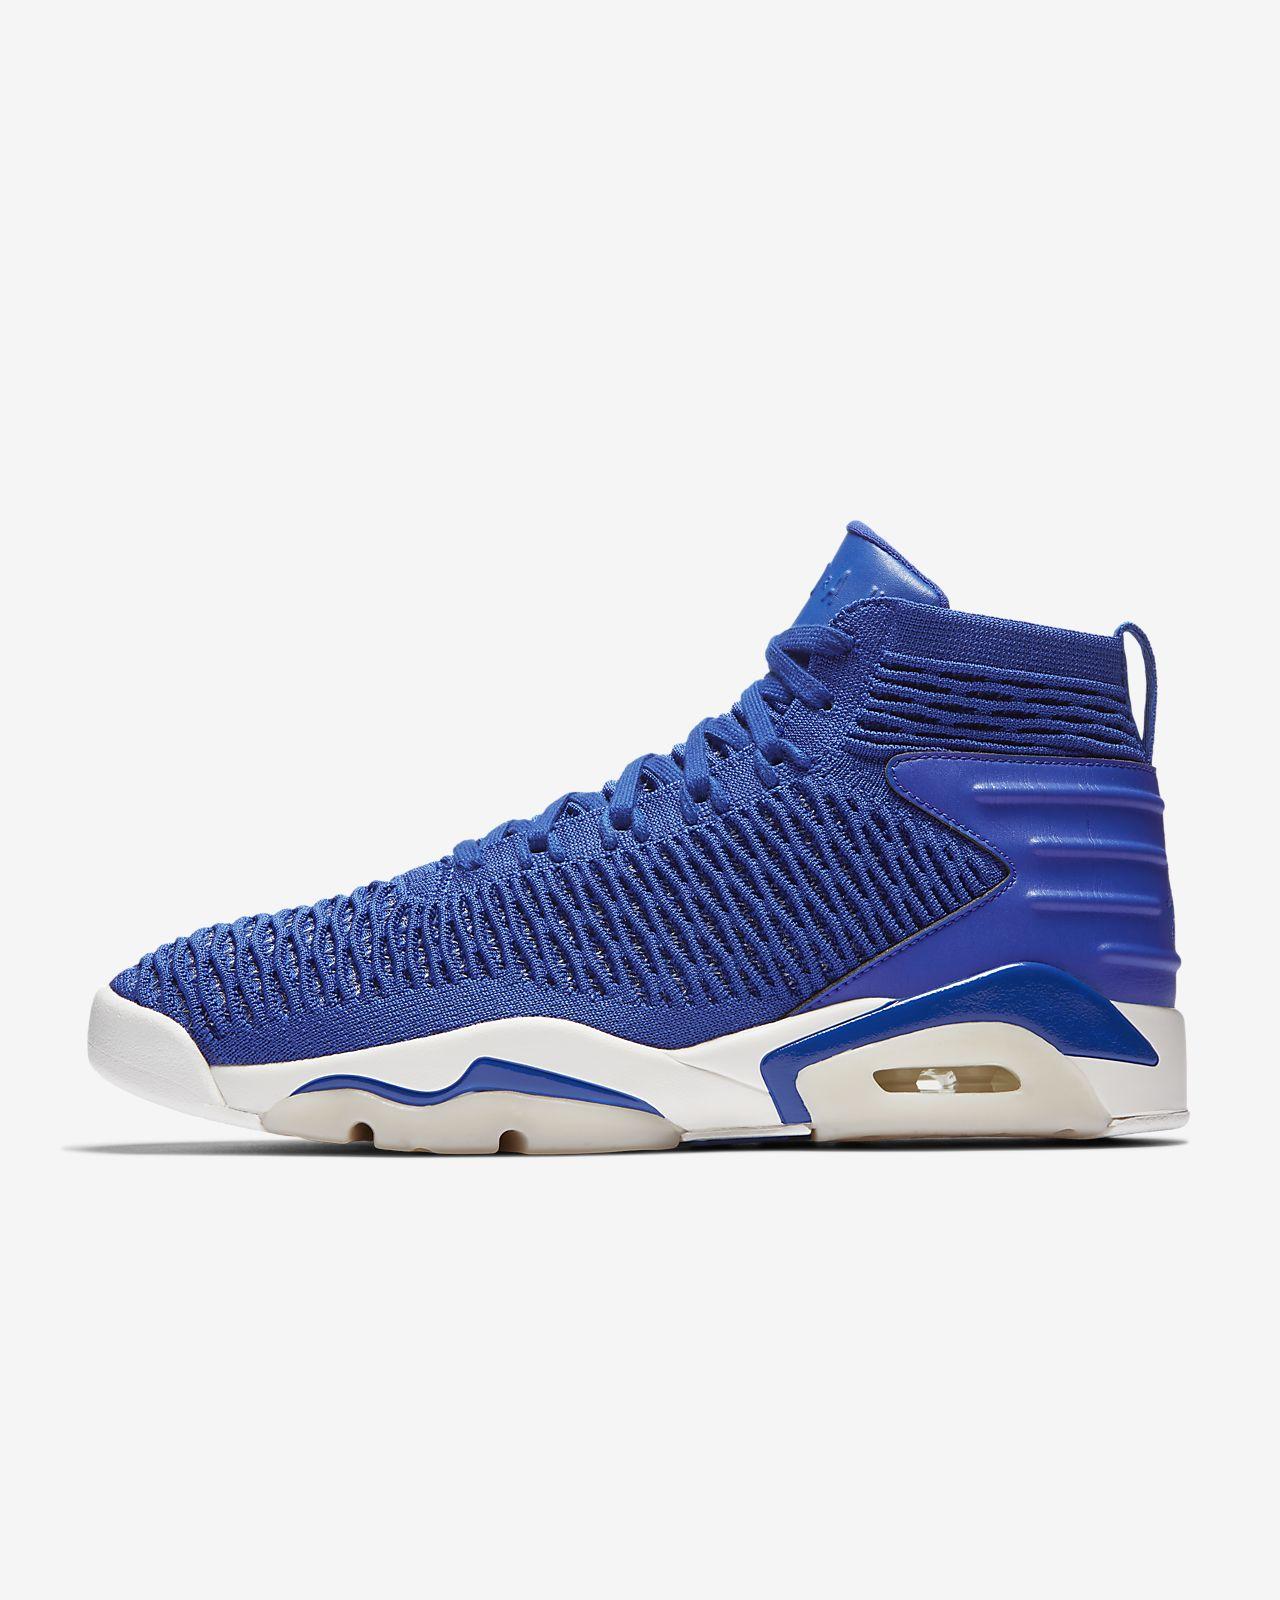 6577df0656c819 Jordan Flyknit Elevation 23 Men s Shoe. Nike.com GB